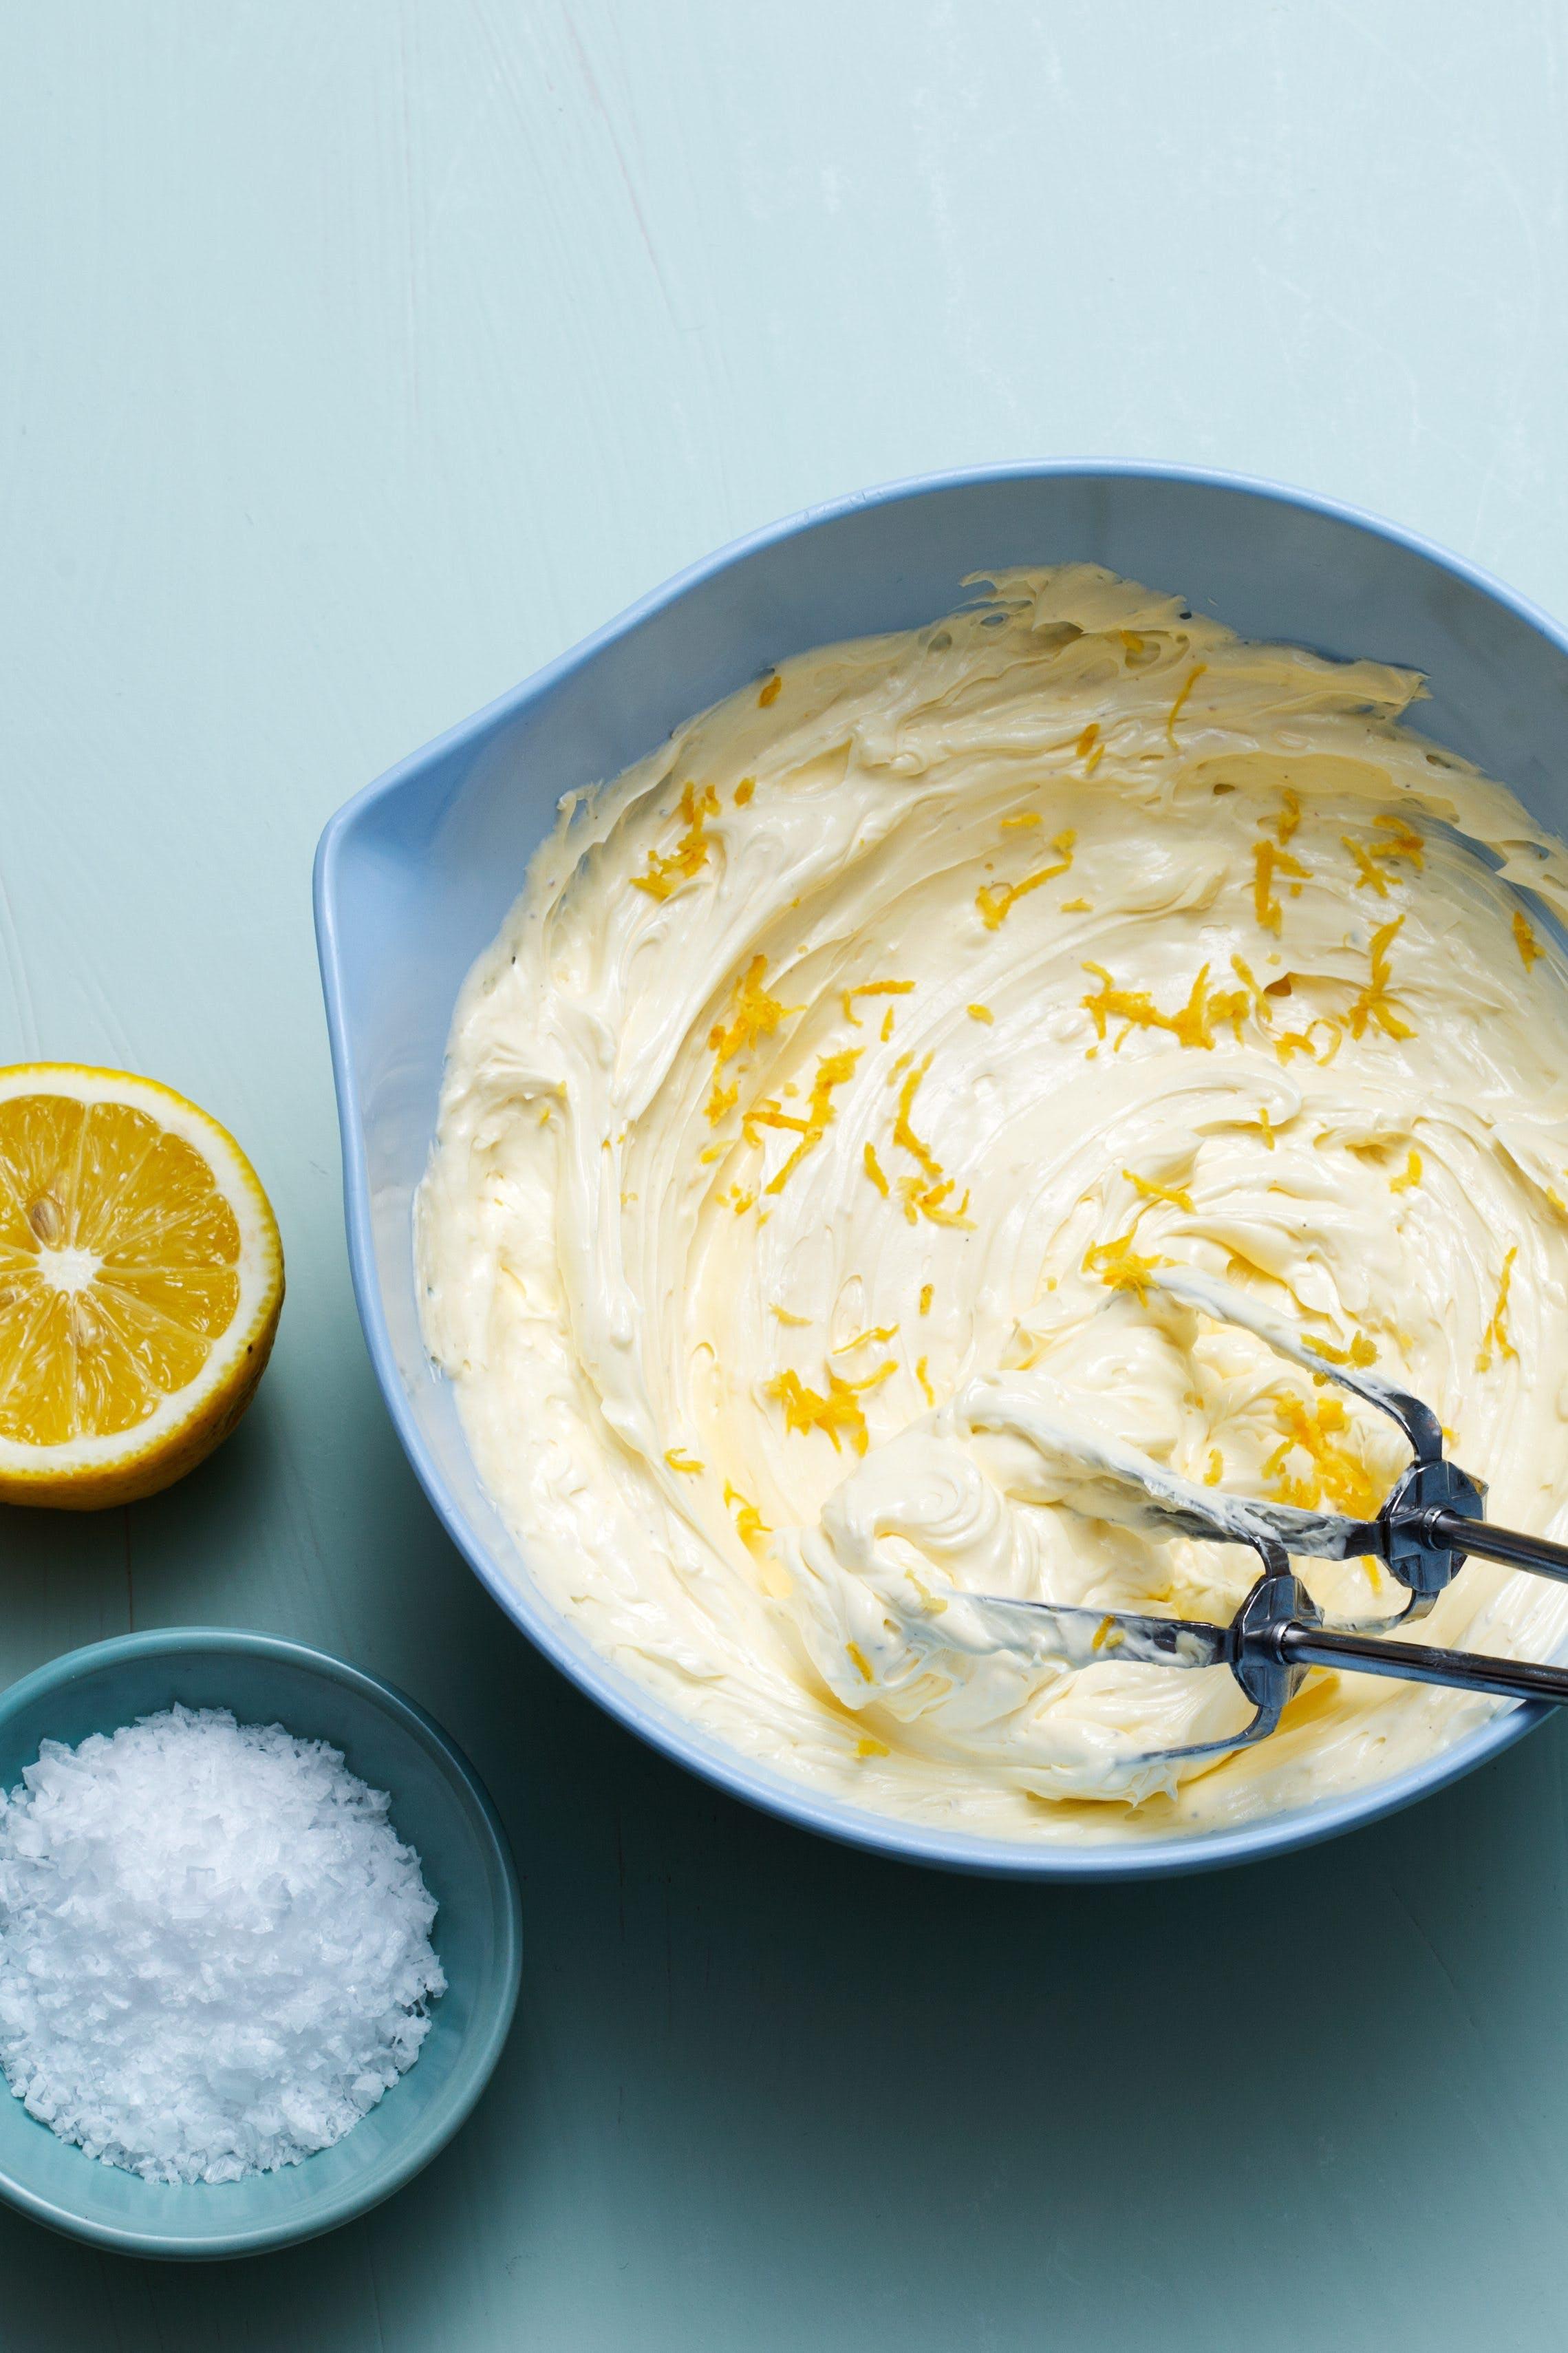 Whipped lemon butter